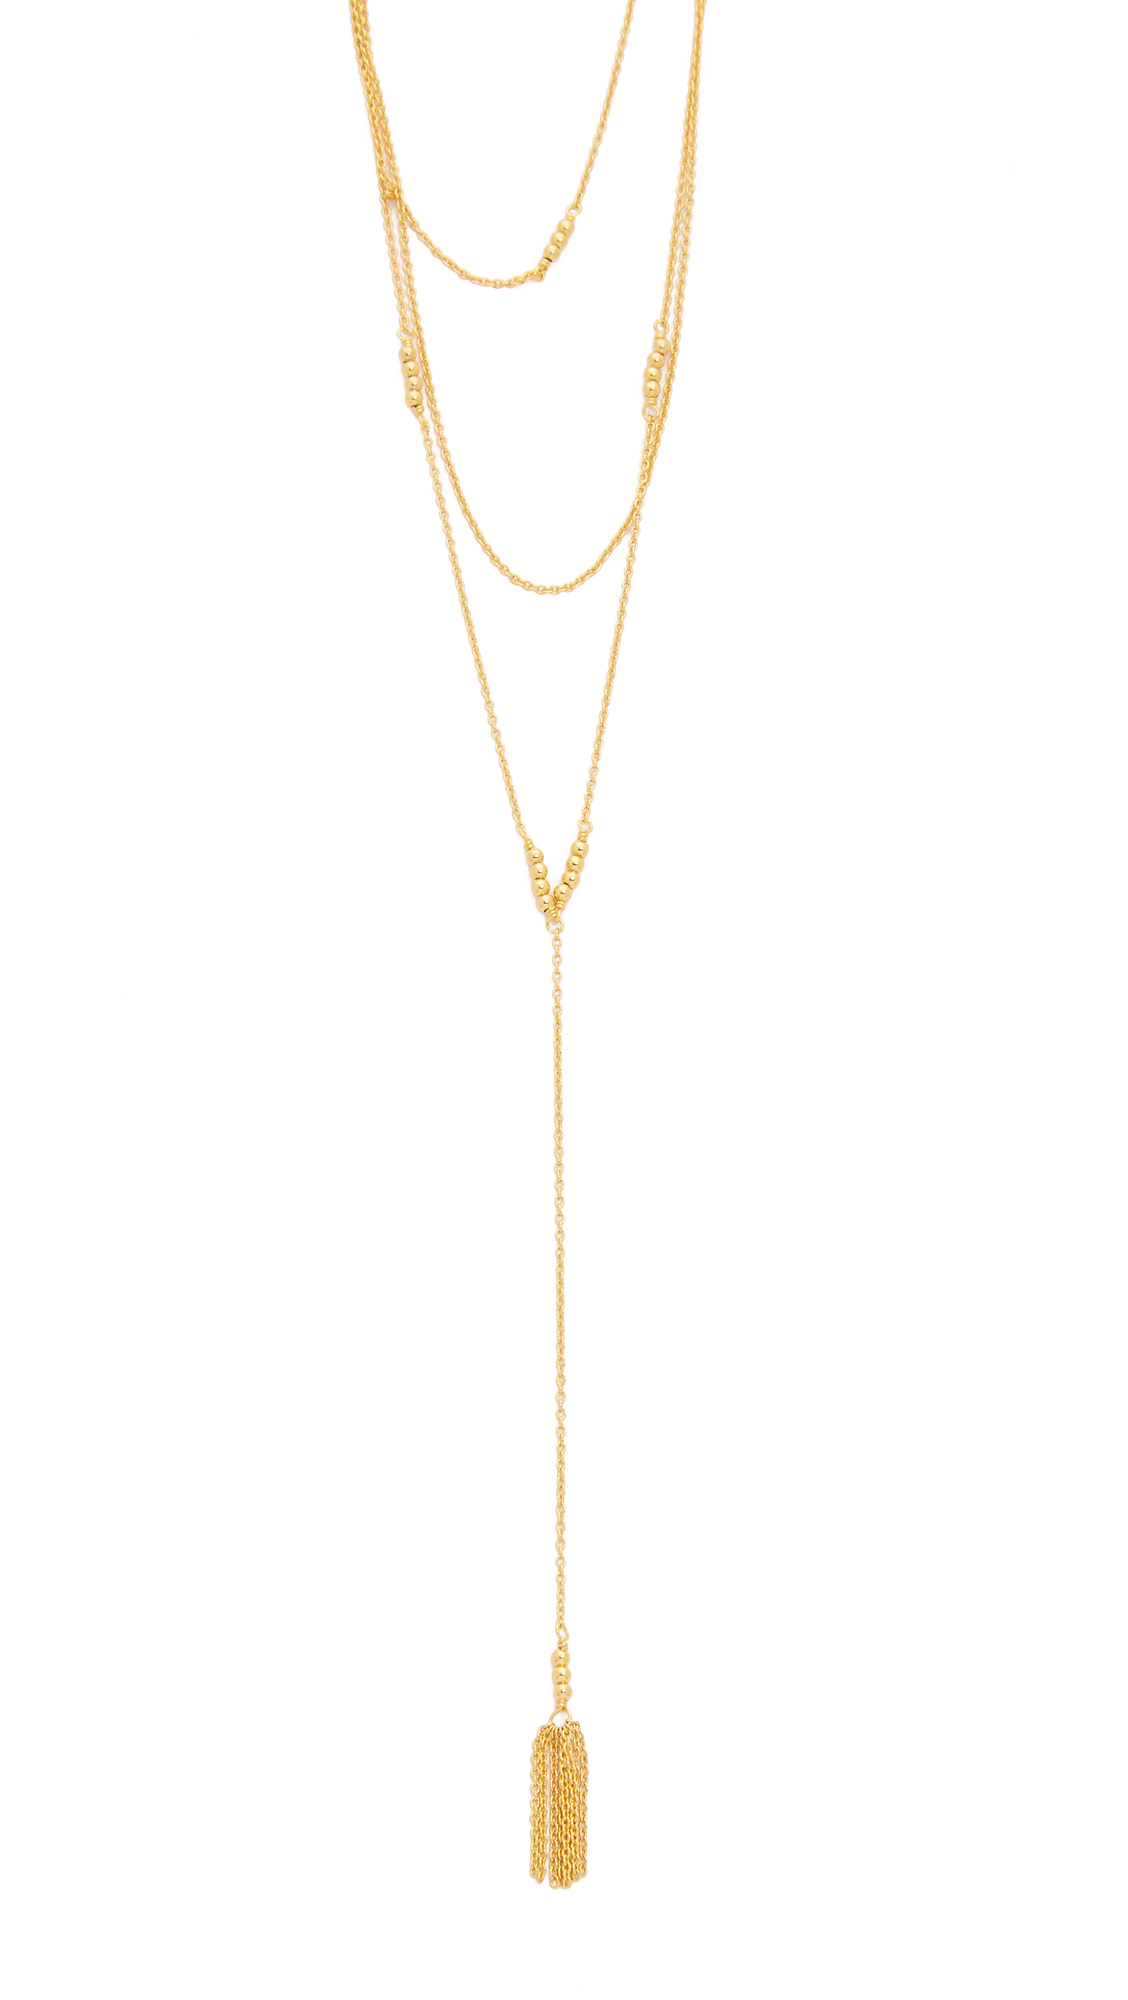 Gorjana Joplin Wrap Necklace in Metallic Gold zmi69